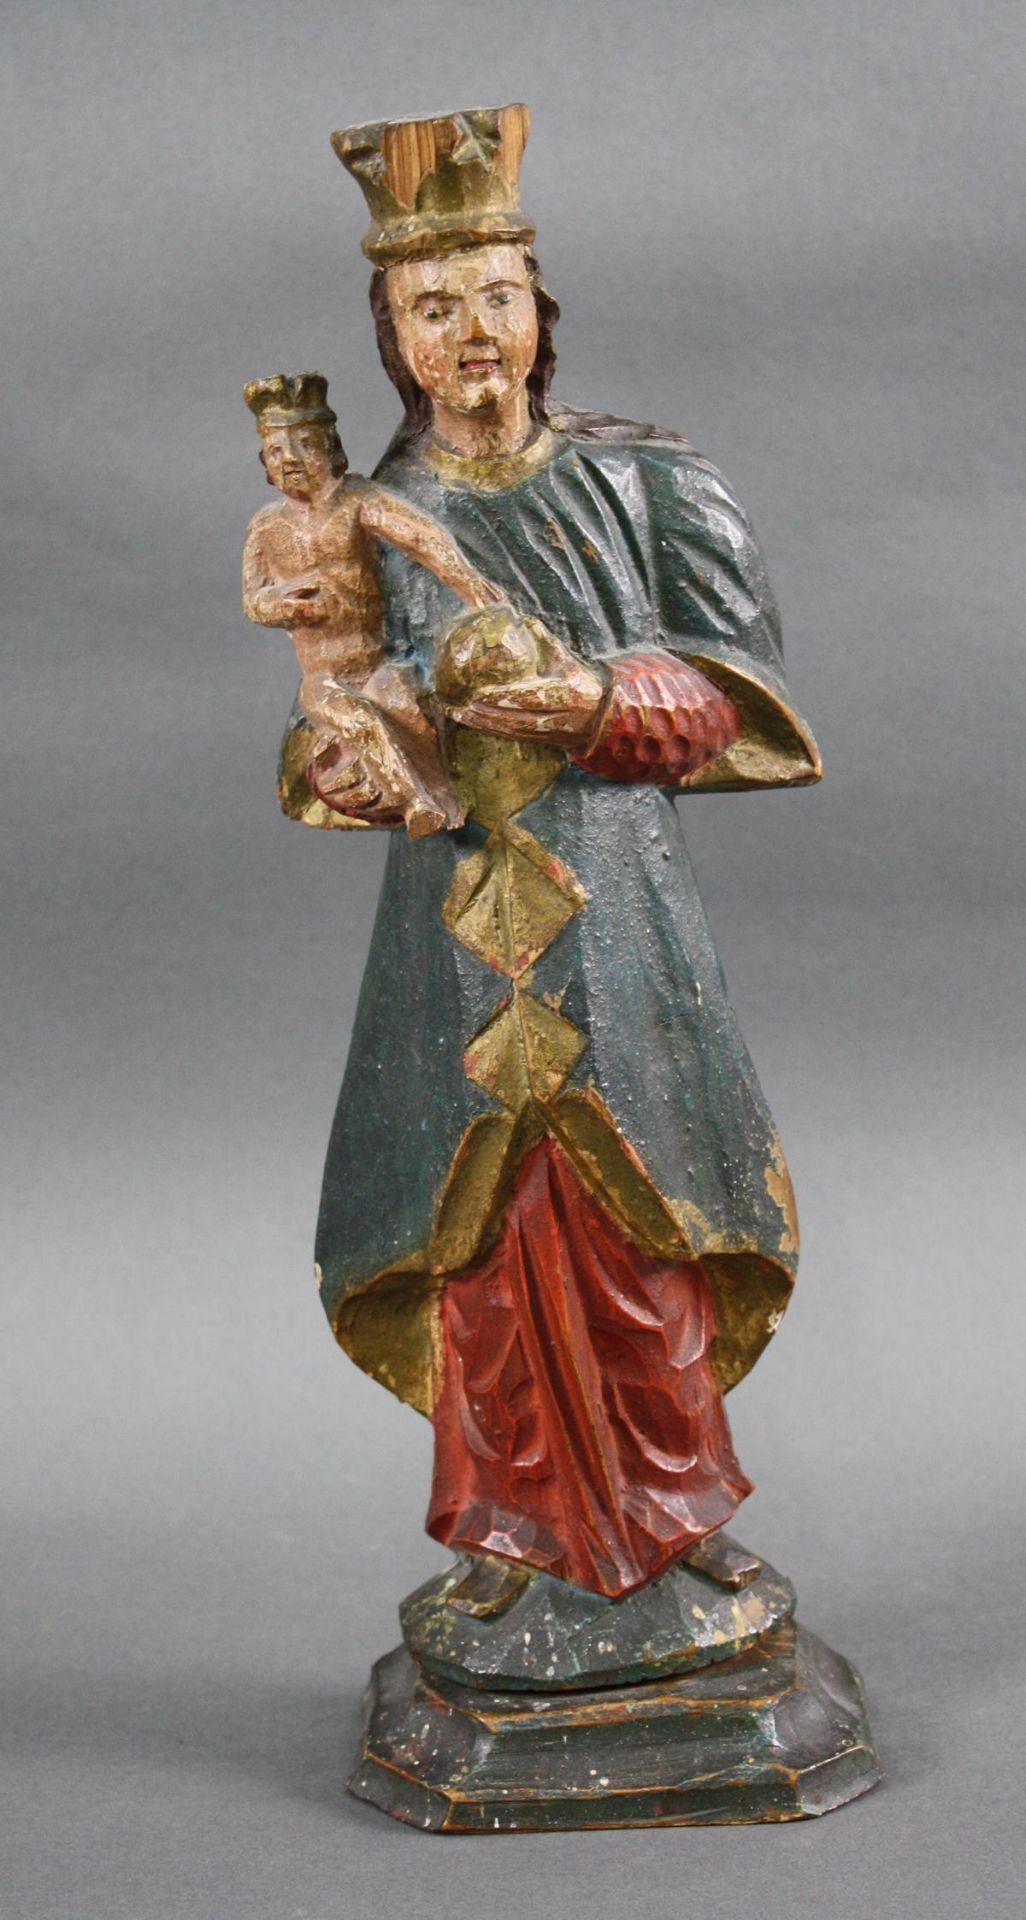 Madonna mit Kind und Weltkugel, 18. Jahrhundert